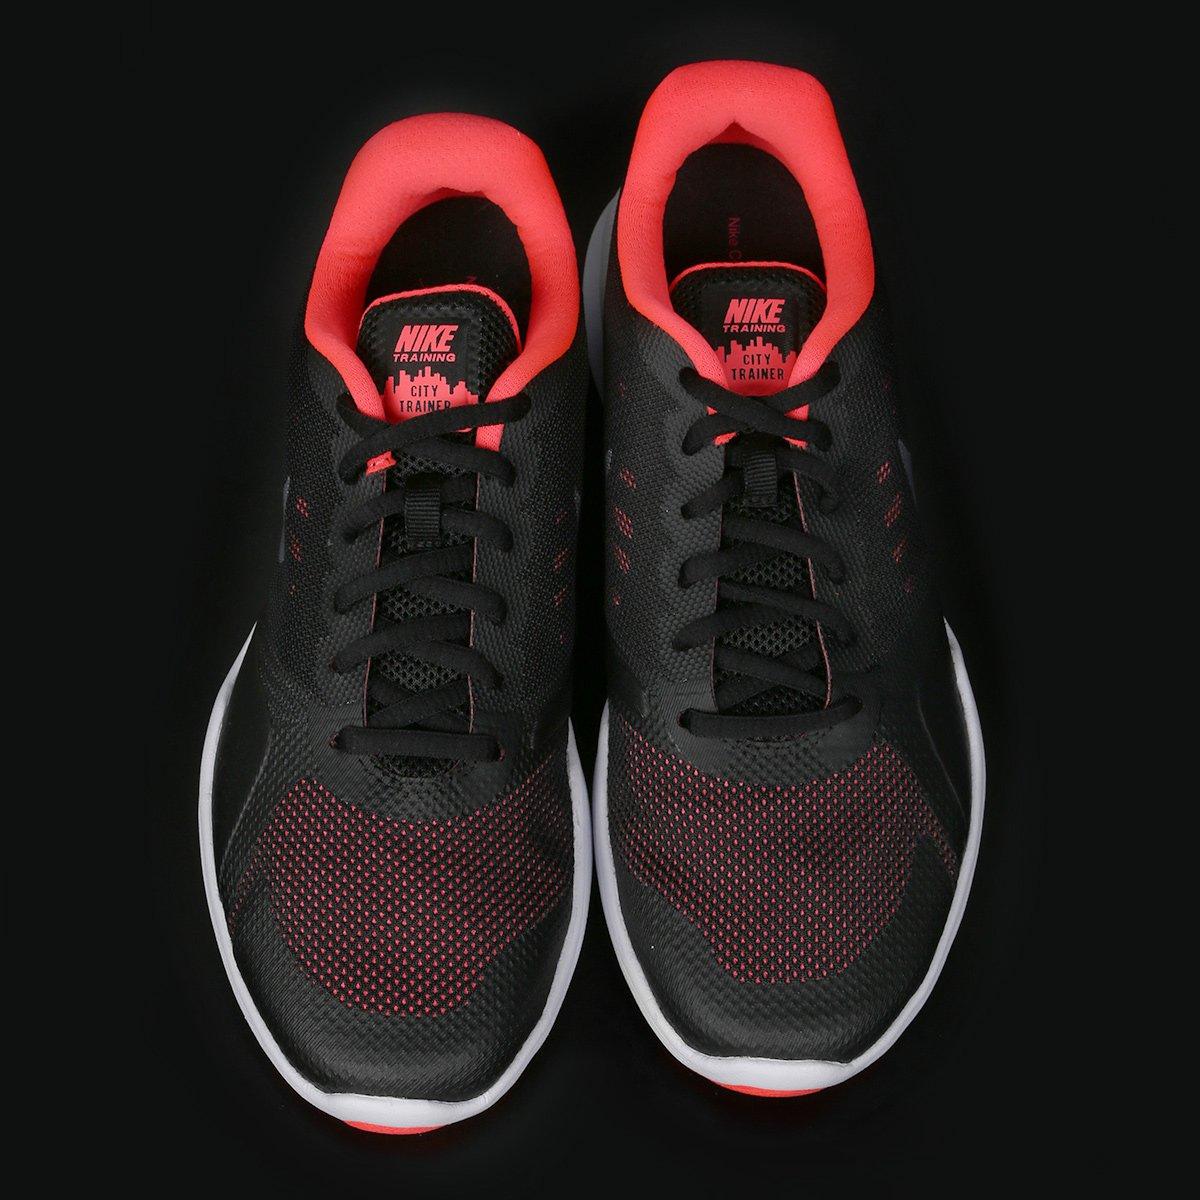 Tênis Nike City Trainer Feminino - Preto e Cinza - Compre Agora ... 351b121ce5de5